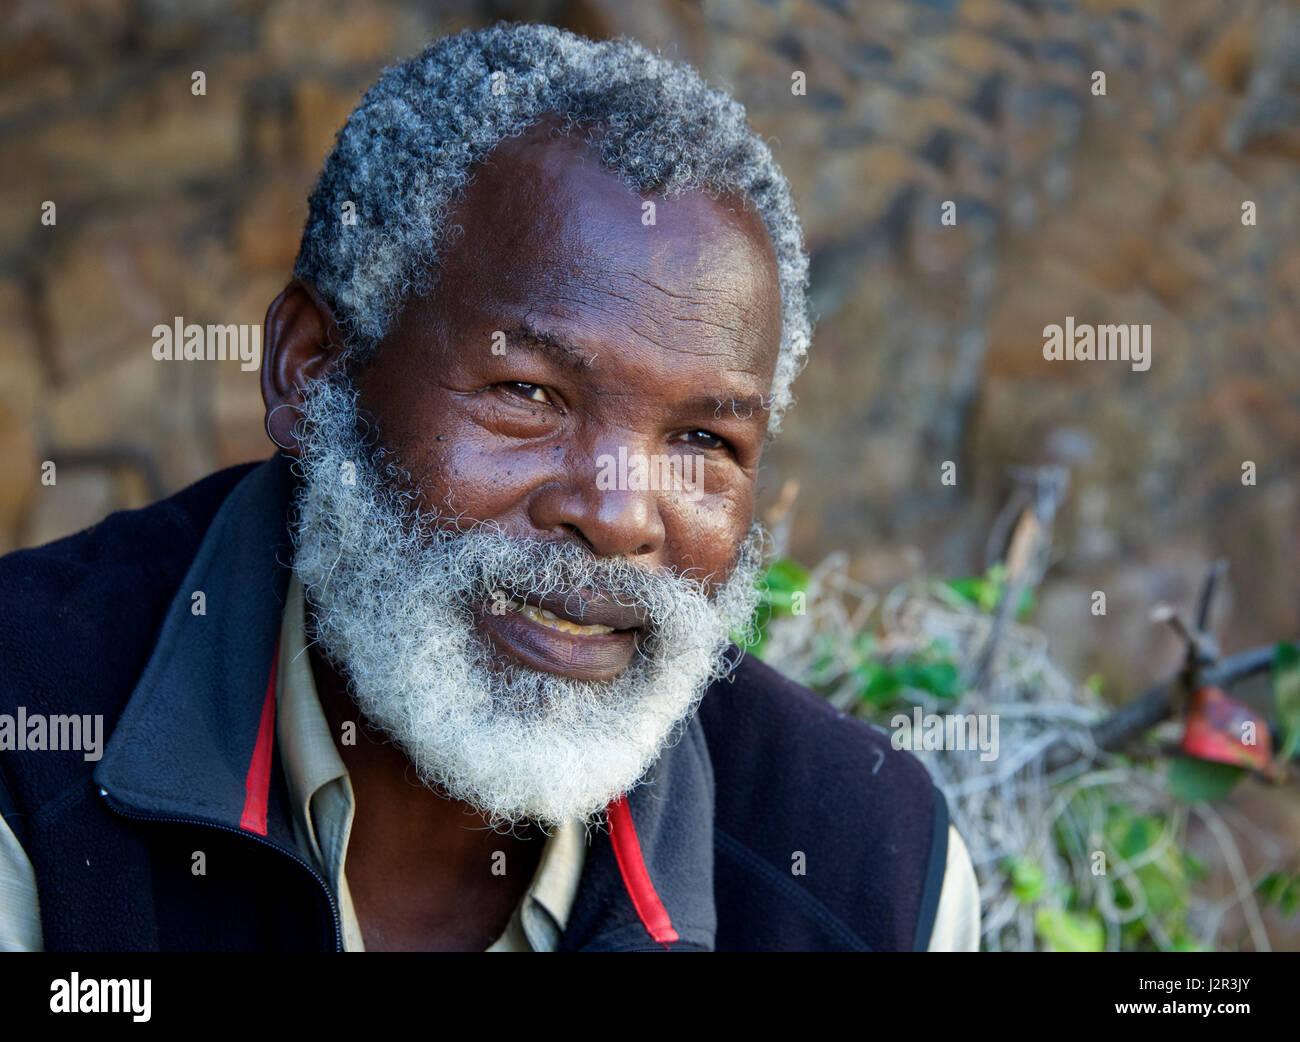 datazione di un uomo nero